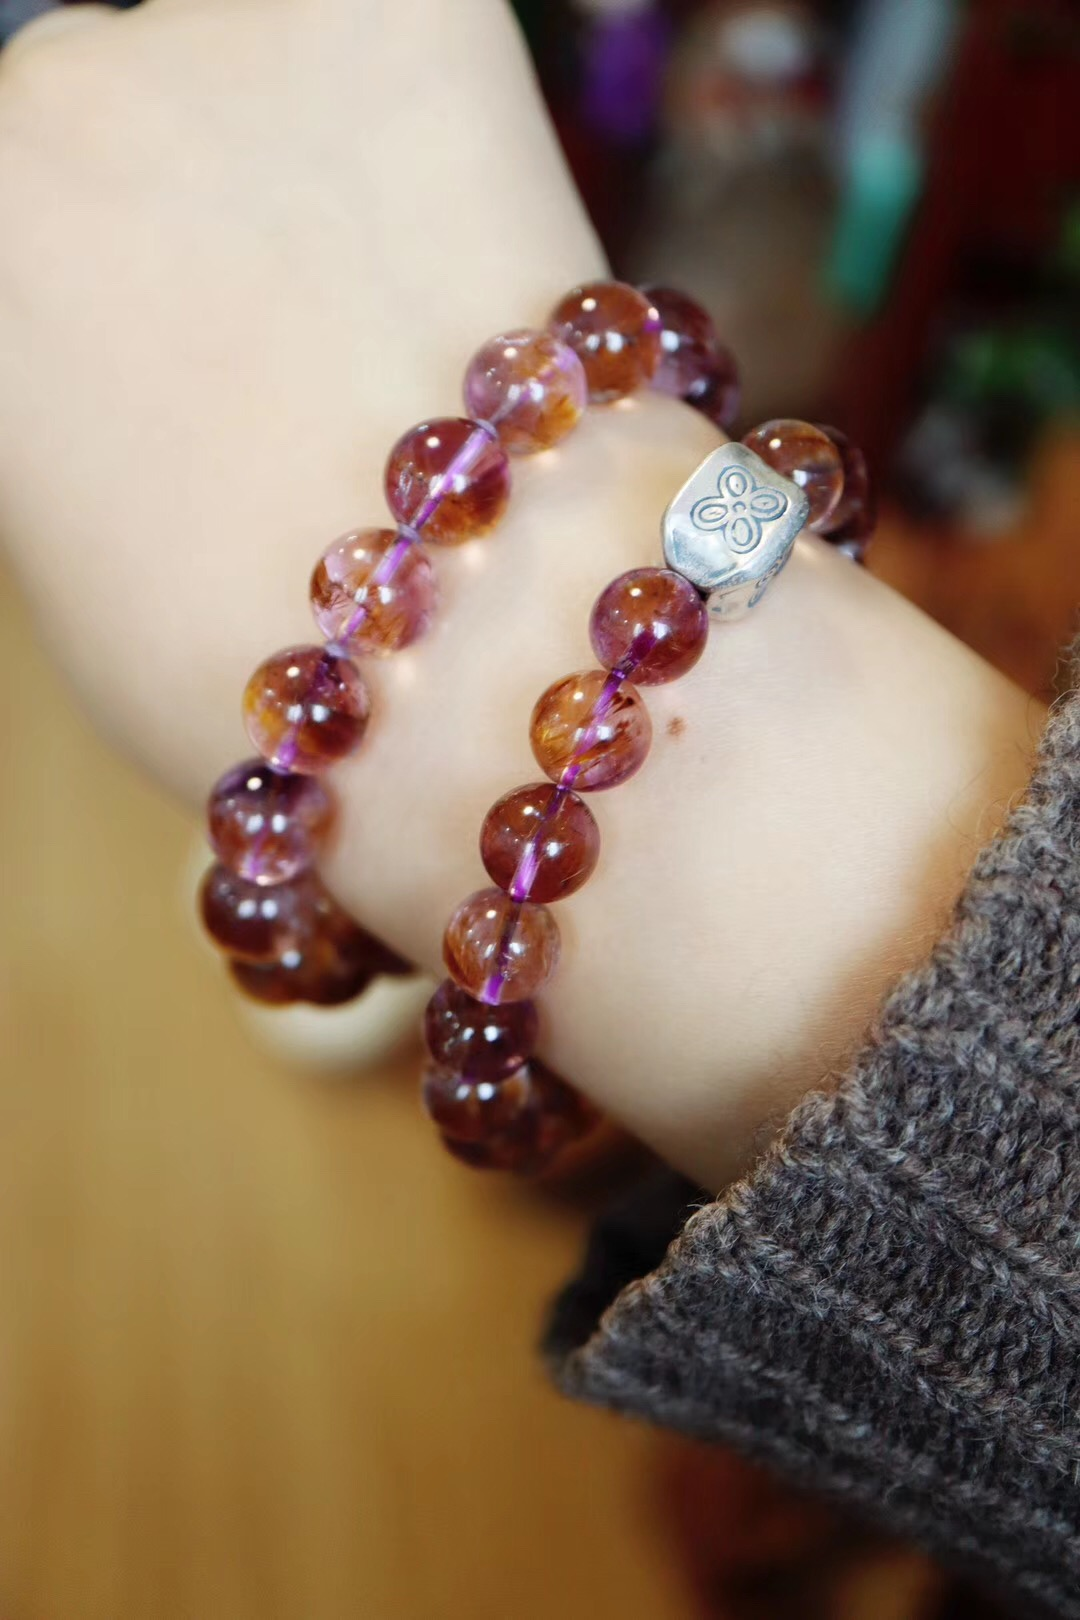 【紫钛晶】紫钛晶,紫水晶和钛晶的共生体-菩心晶舍